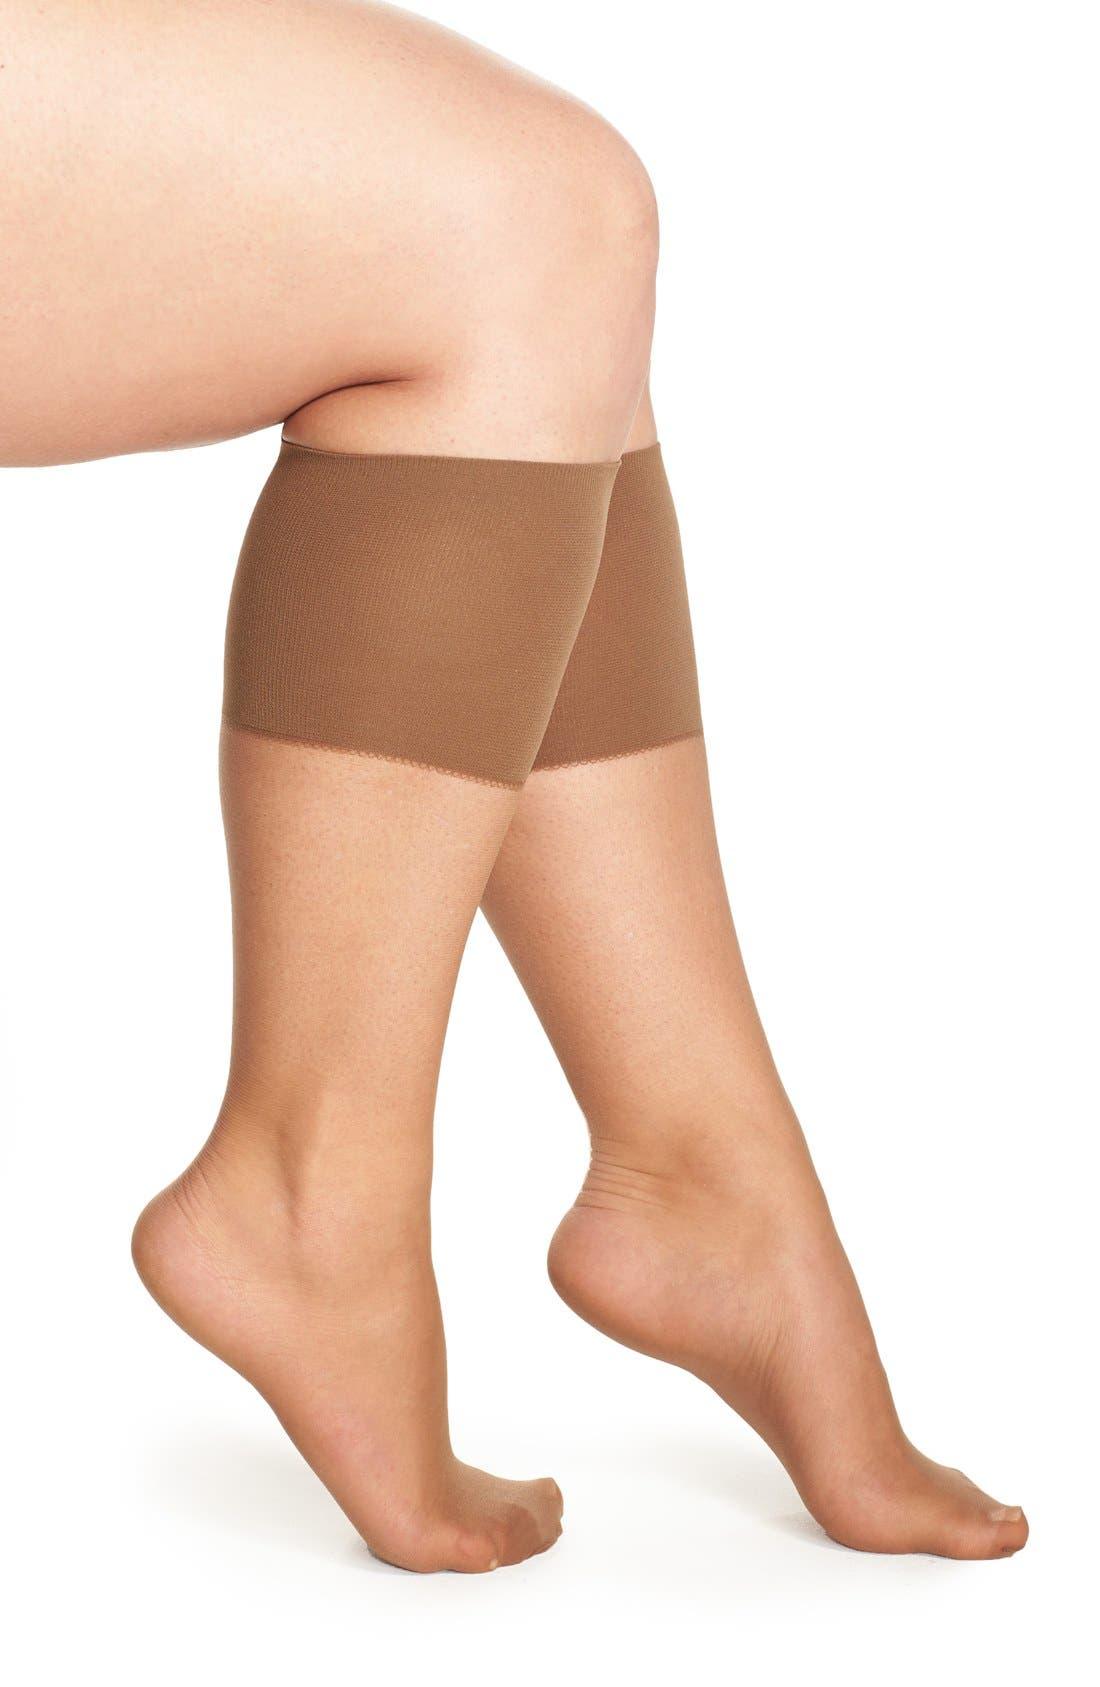 Alternate Image 1 Selected - Berkshire Sheer Knee Highs (Plus Size)